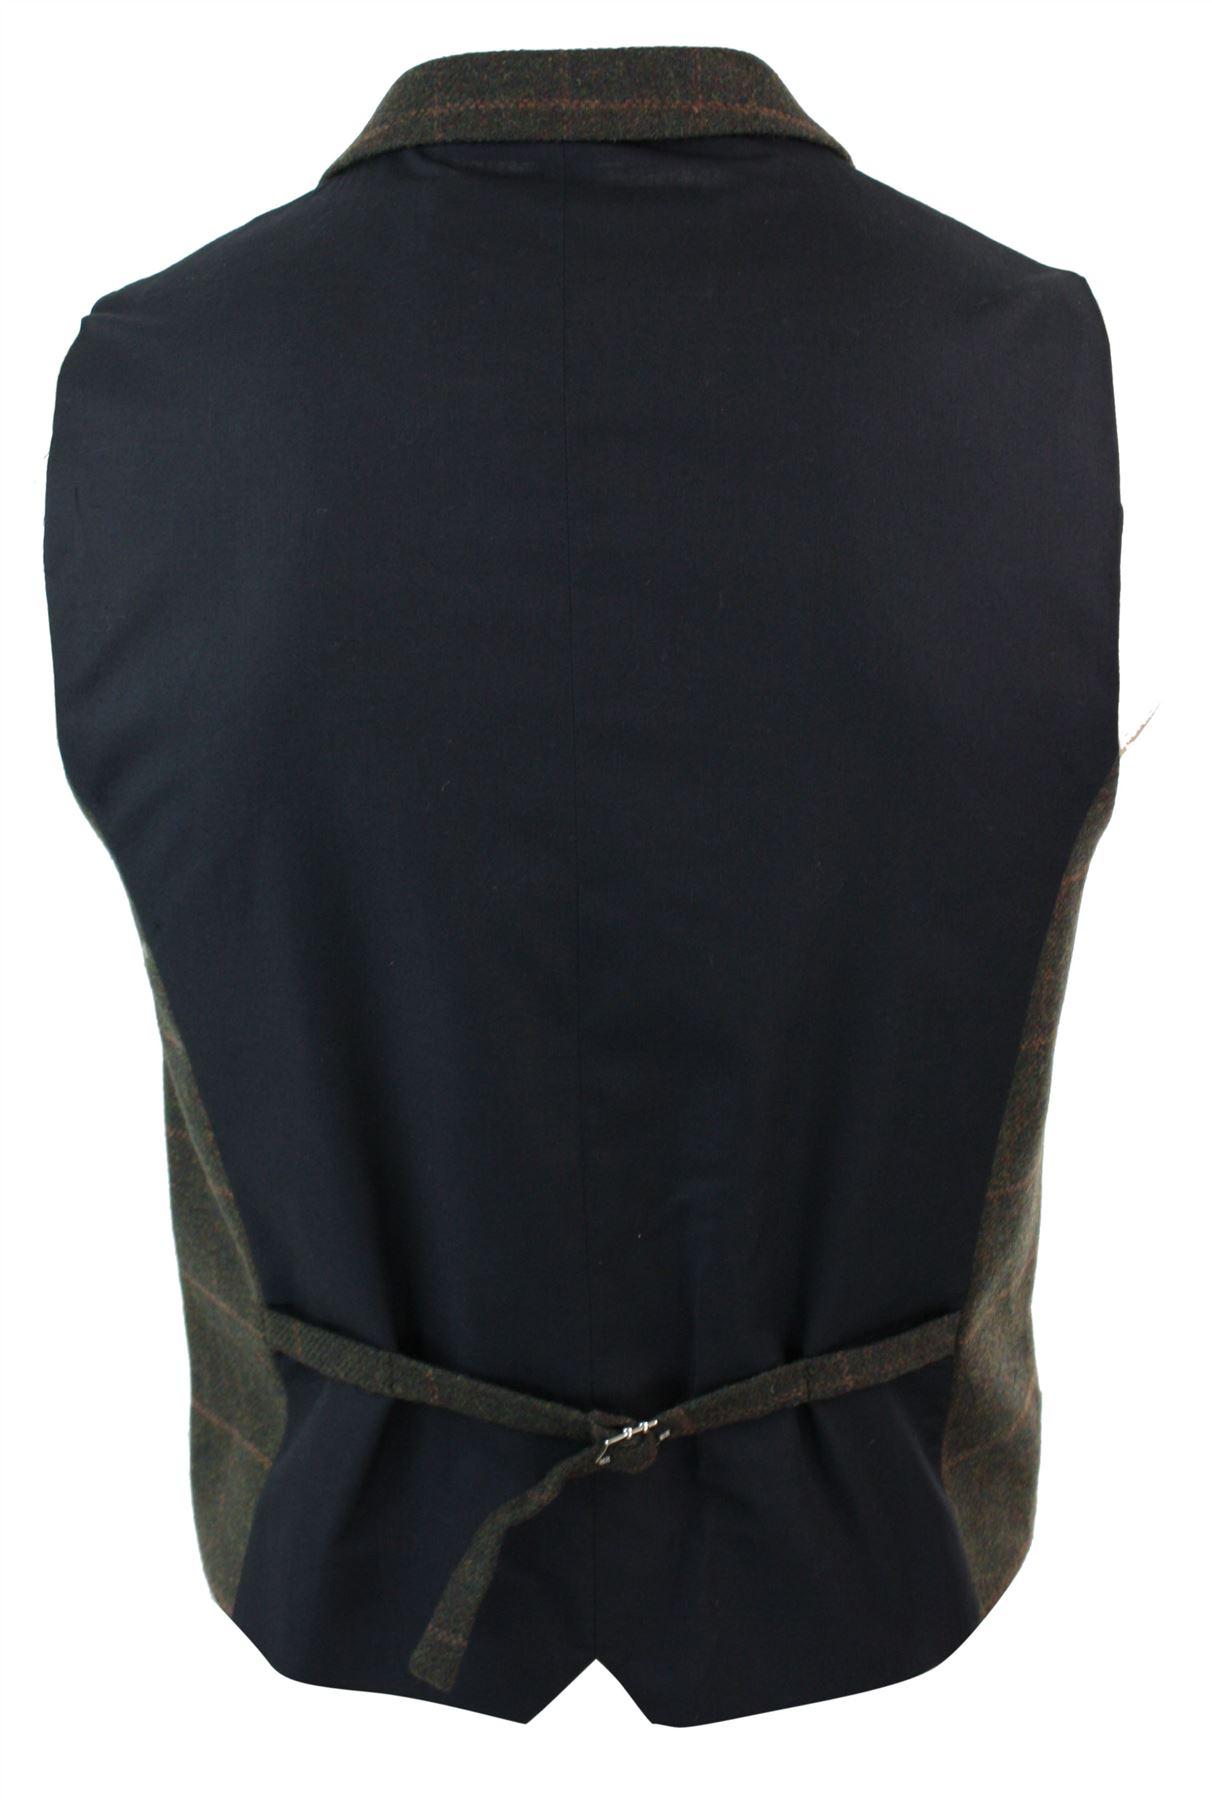 Mens-Double-Breasted-Herringbone-Tweed-Peaky-Blinders-Vintage-Check-Waistcoat miniatuur 19